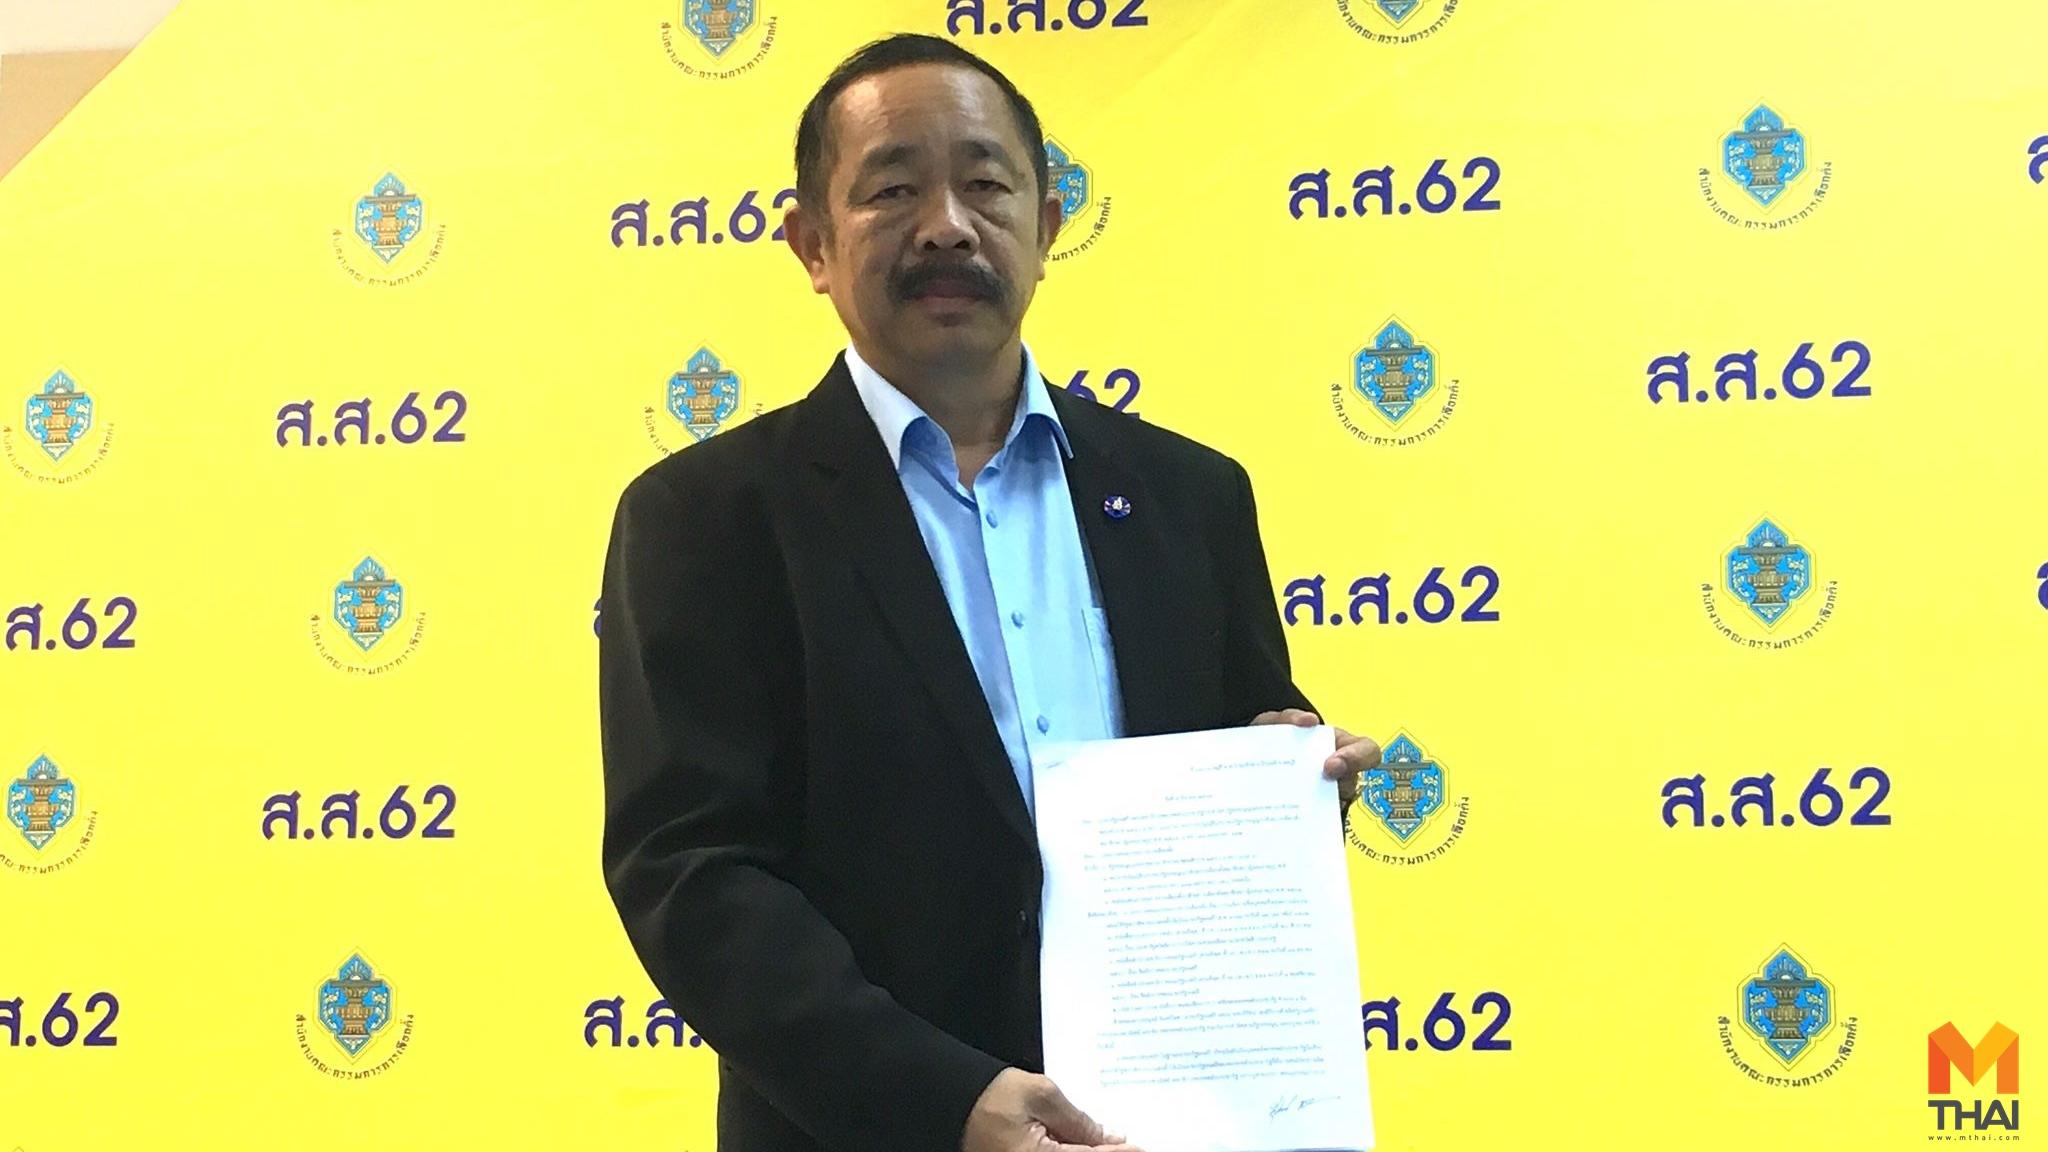 บัตรคนจน พรรคพลังประชารัฐ พลเอกประยุทธ์ จันทร์โอชา เพื่อไทย